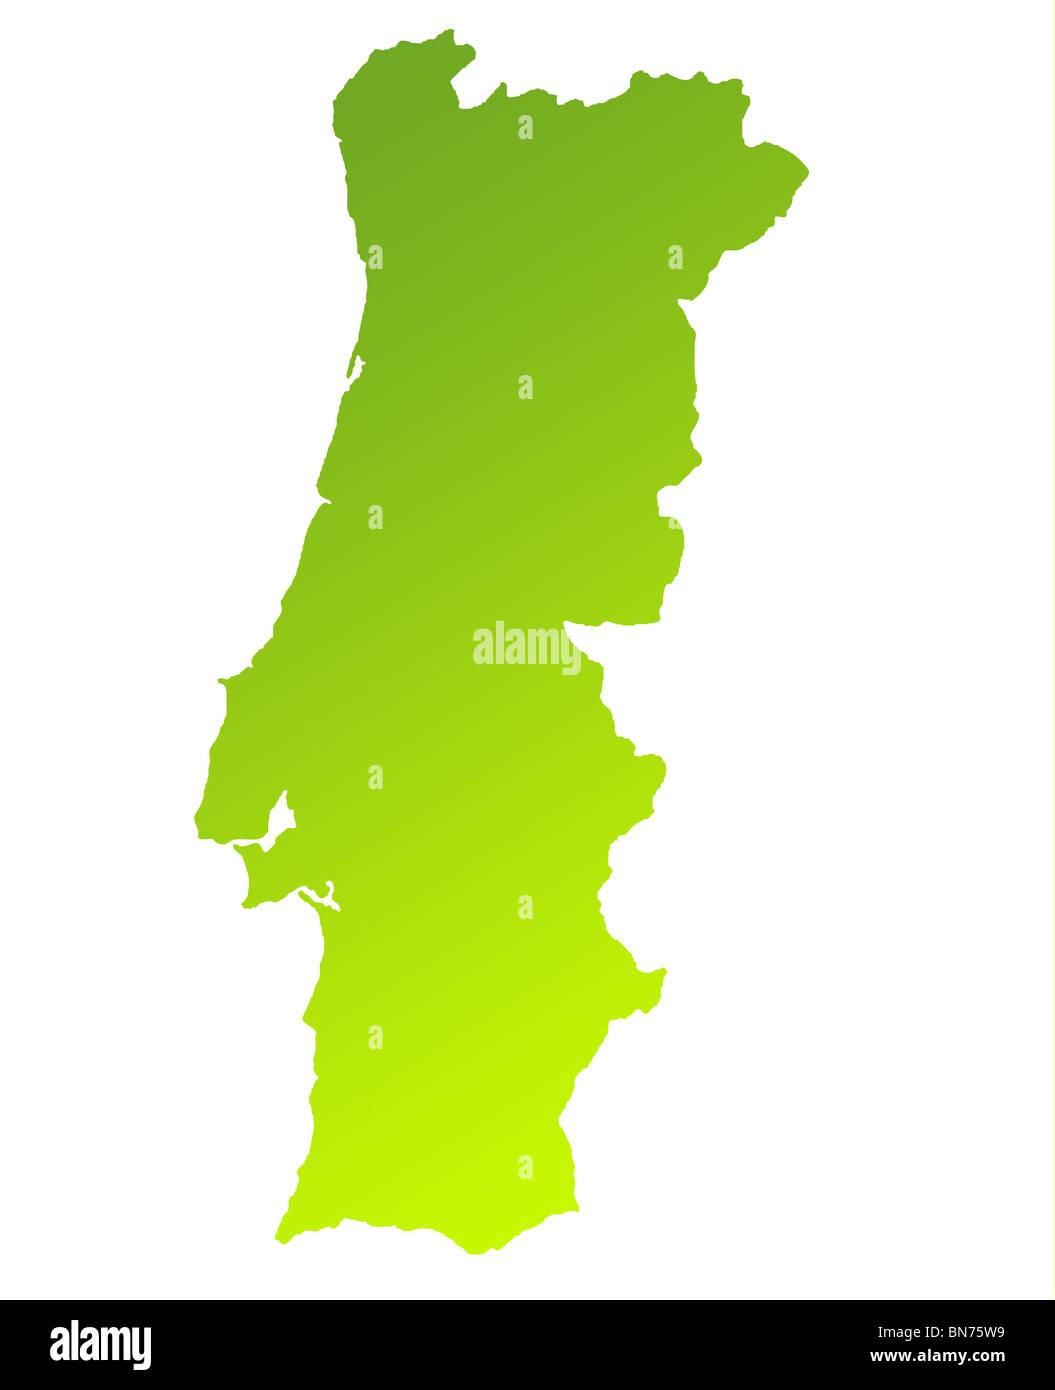 Cartina Di Portogallo.Mappa Del Portogallo Immagini E Fotos Stock Alamy